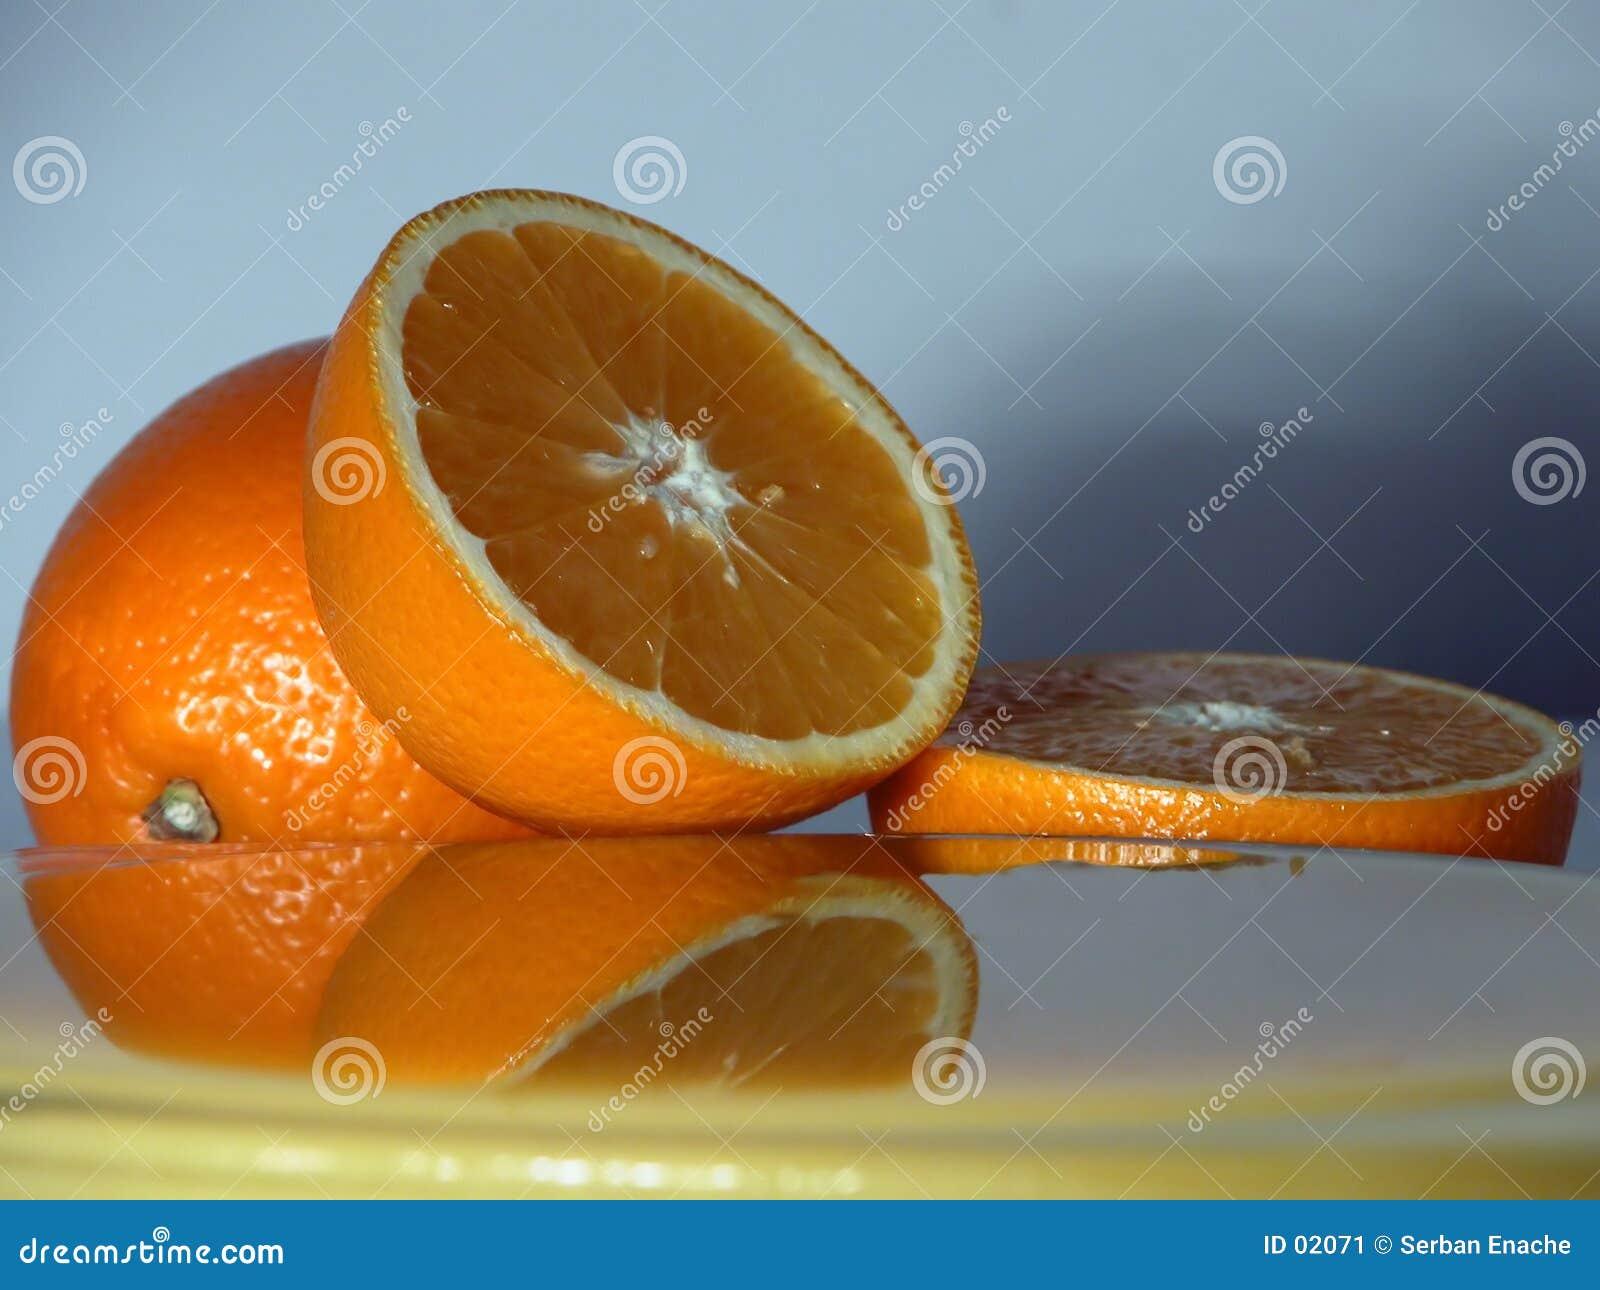 Freshly squeezed orange scenario 2